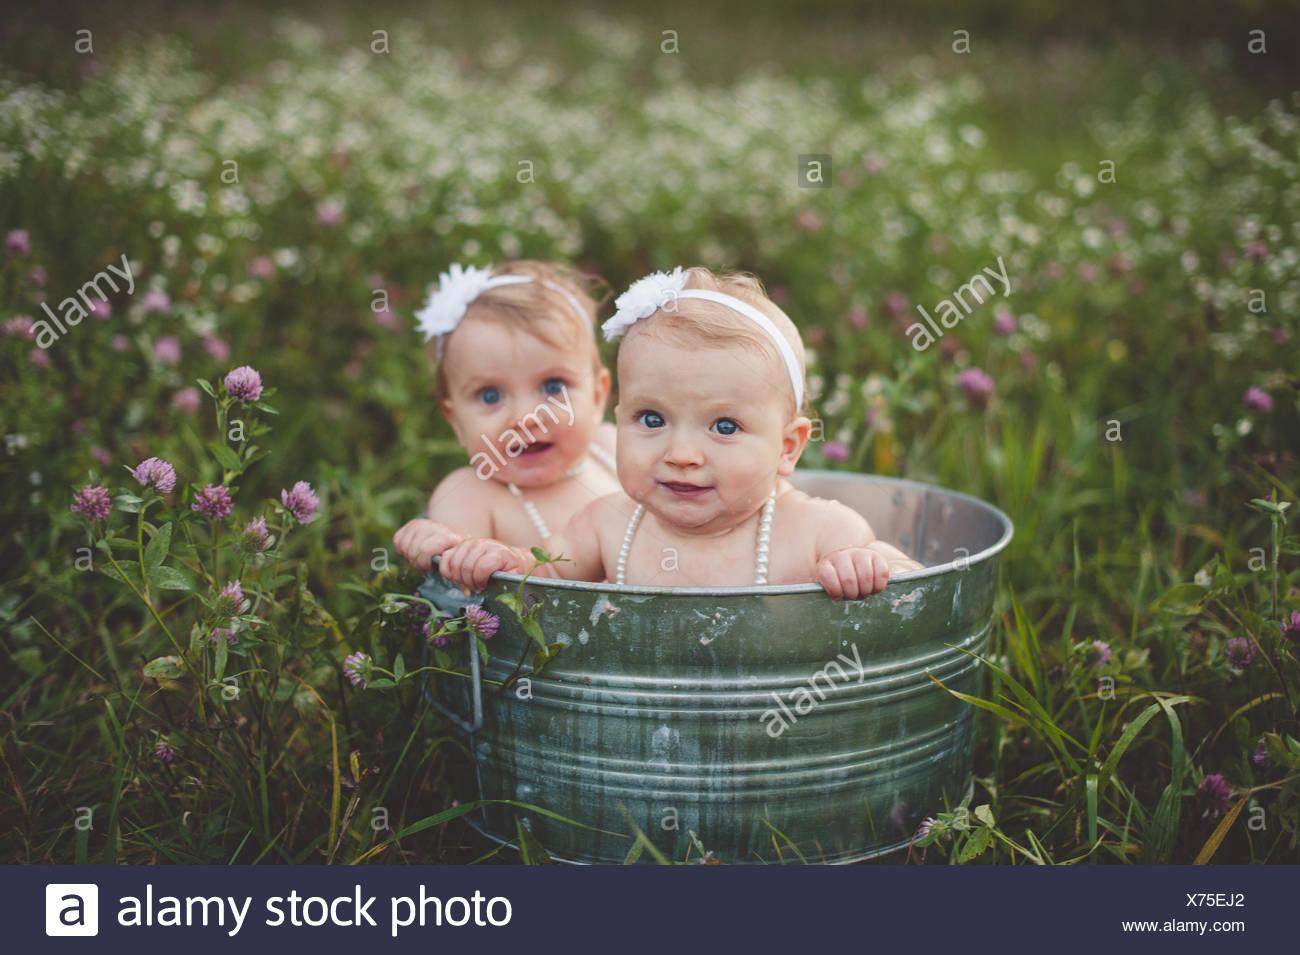 Retrato de bebé hermanas gemelas baño en una bañera de estaño en un prado de flores silvestres Imagen De Stock